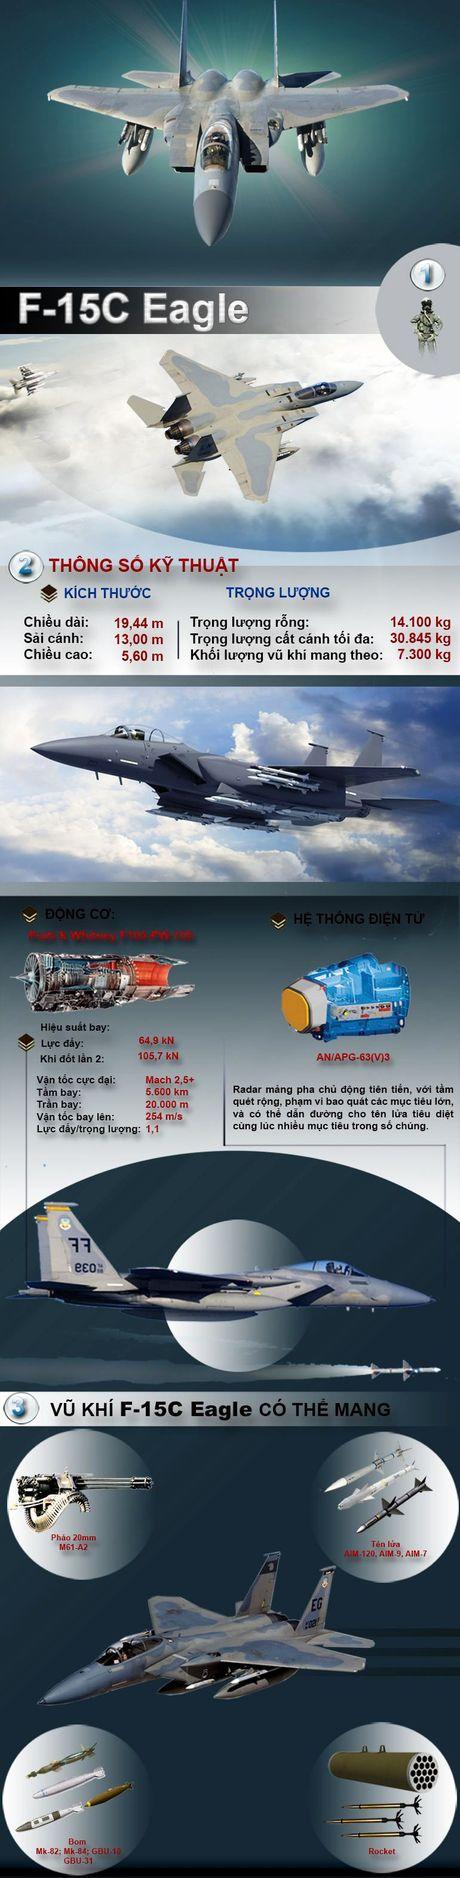 F-15C Eagle: 'Chien than bat bai' cua quan doi My - Anh 1